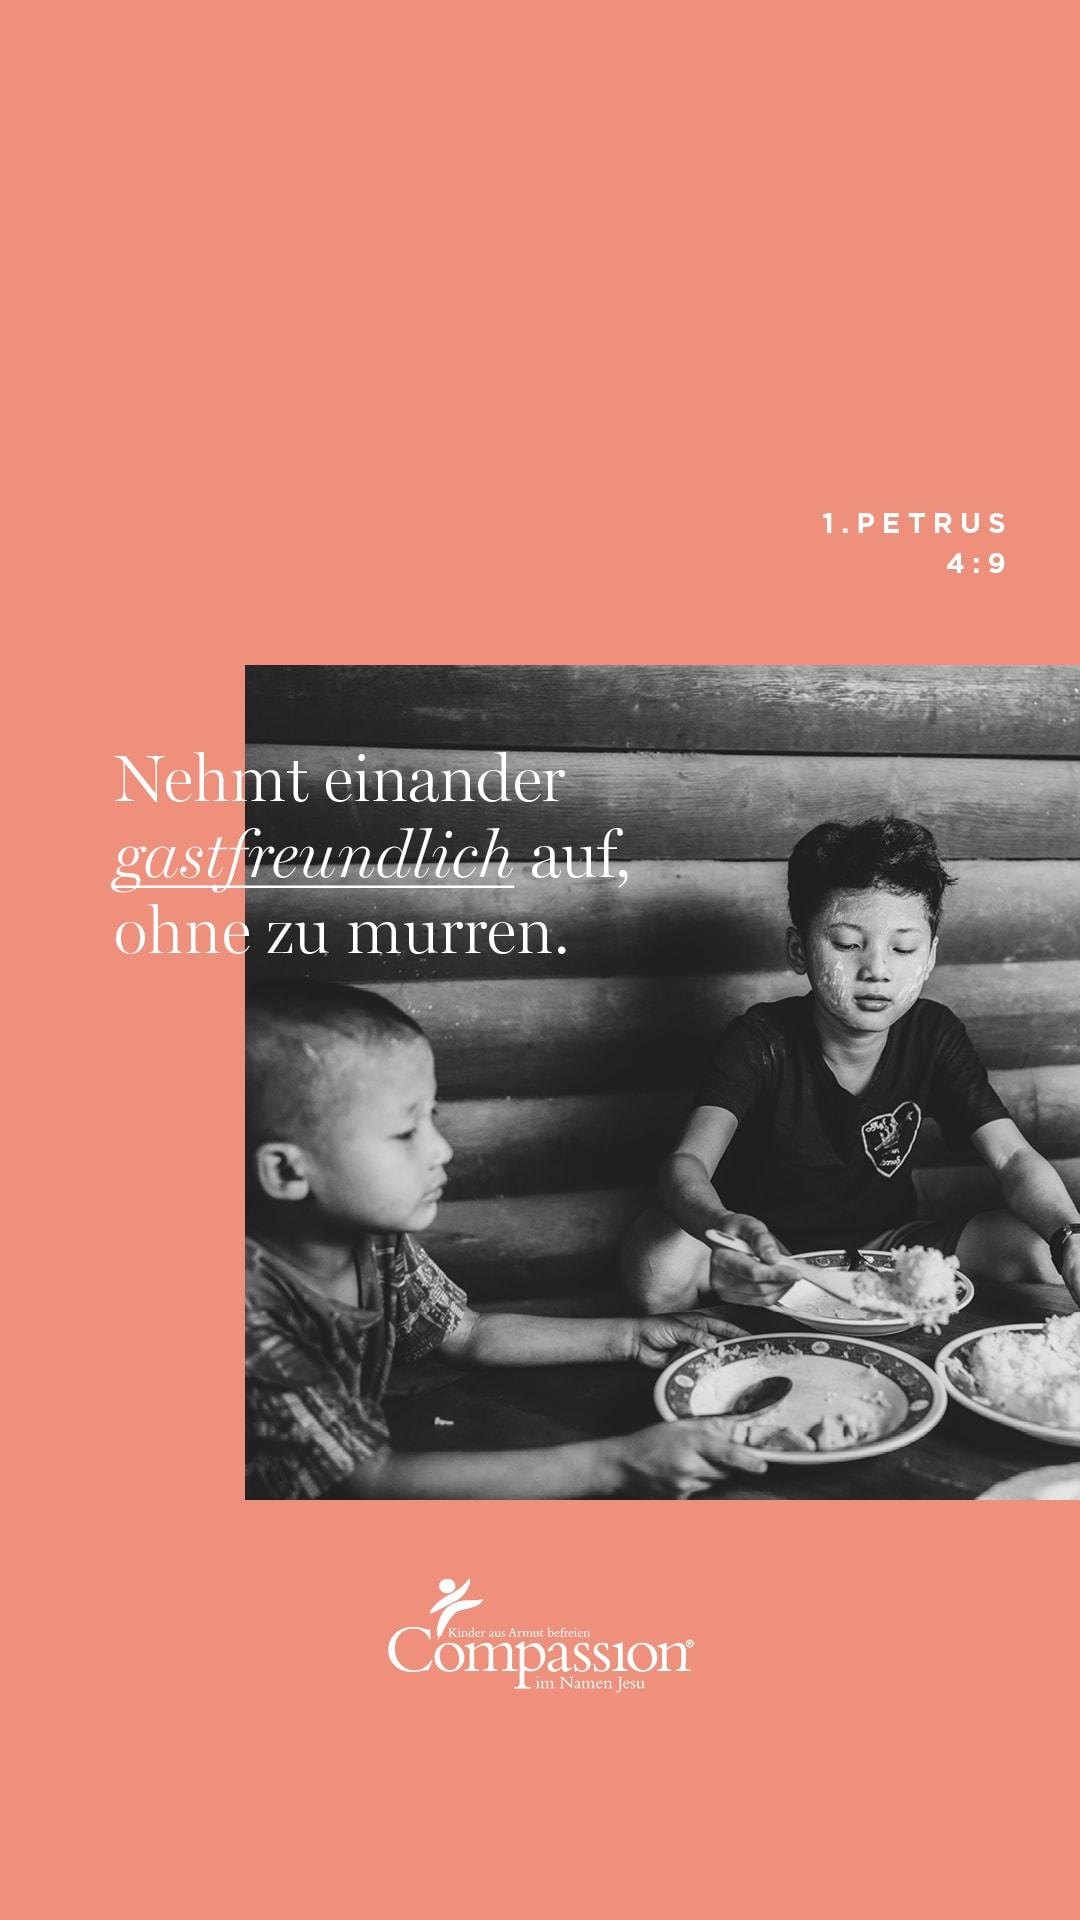 """alt=""""1_Petrus_4_9_Wallpaper_Compassion_Deutschland_Bibelvers"""""""